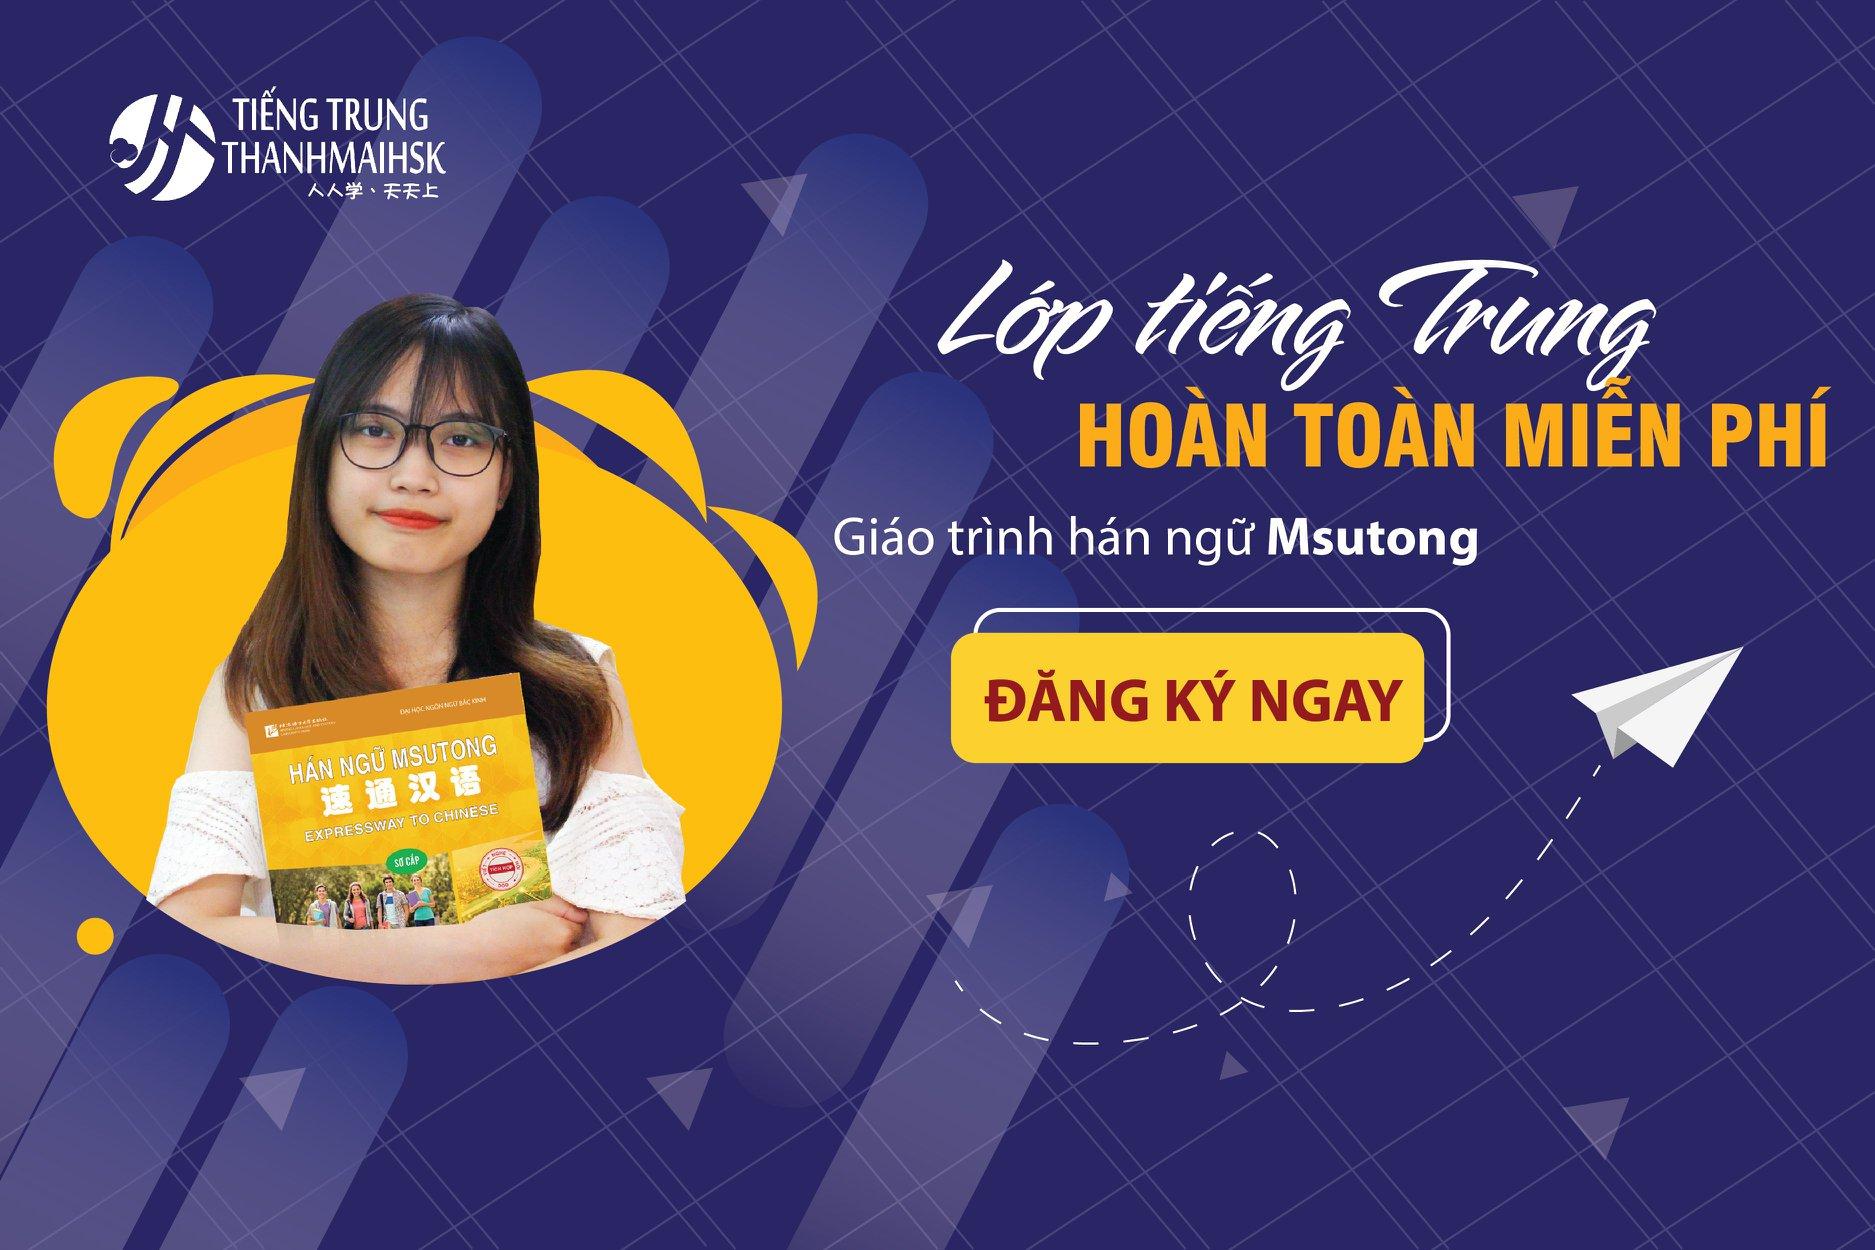 Hình ảnh Khóa học tiếng Trung online FREE với giáo trình giảng viên đại học